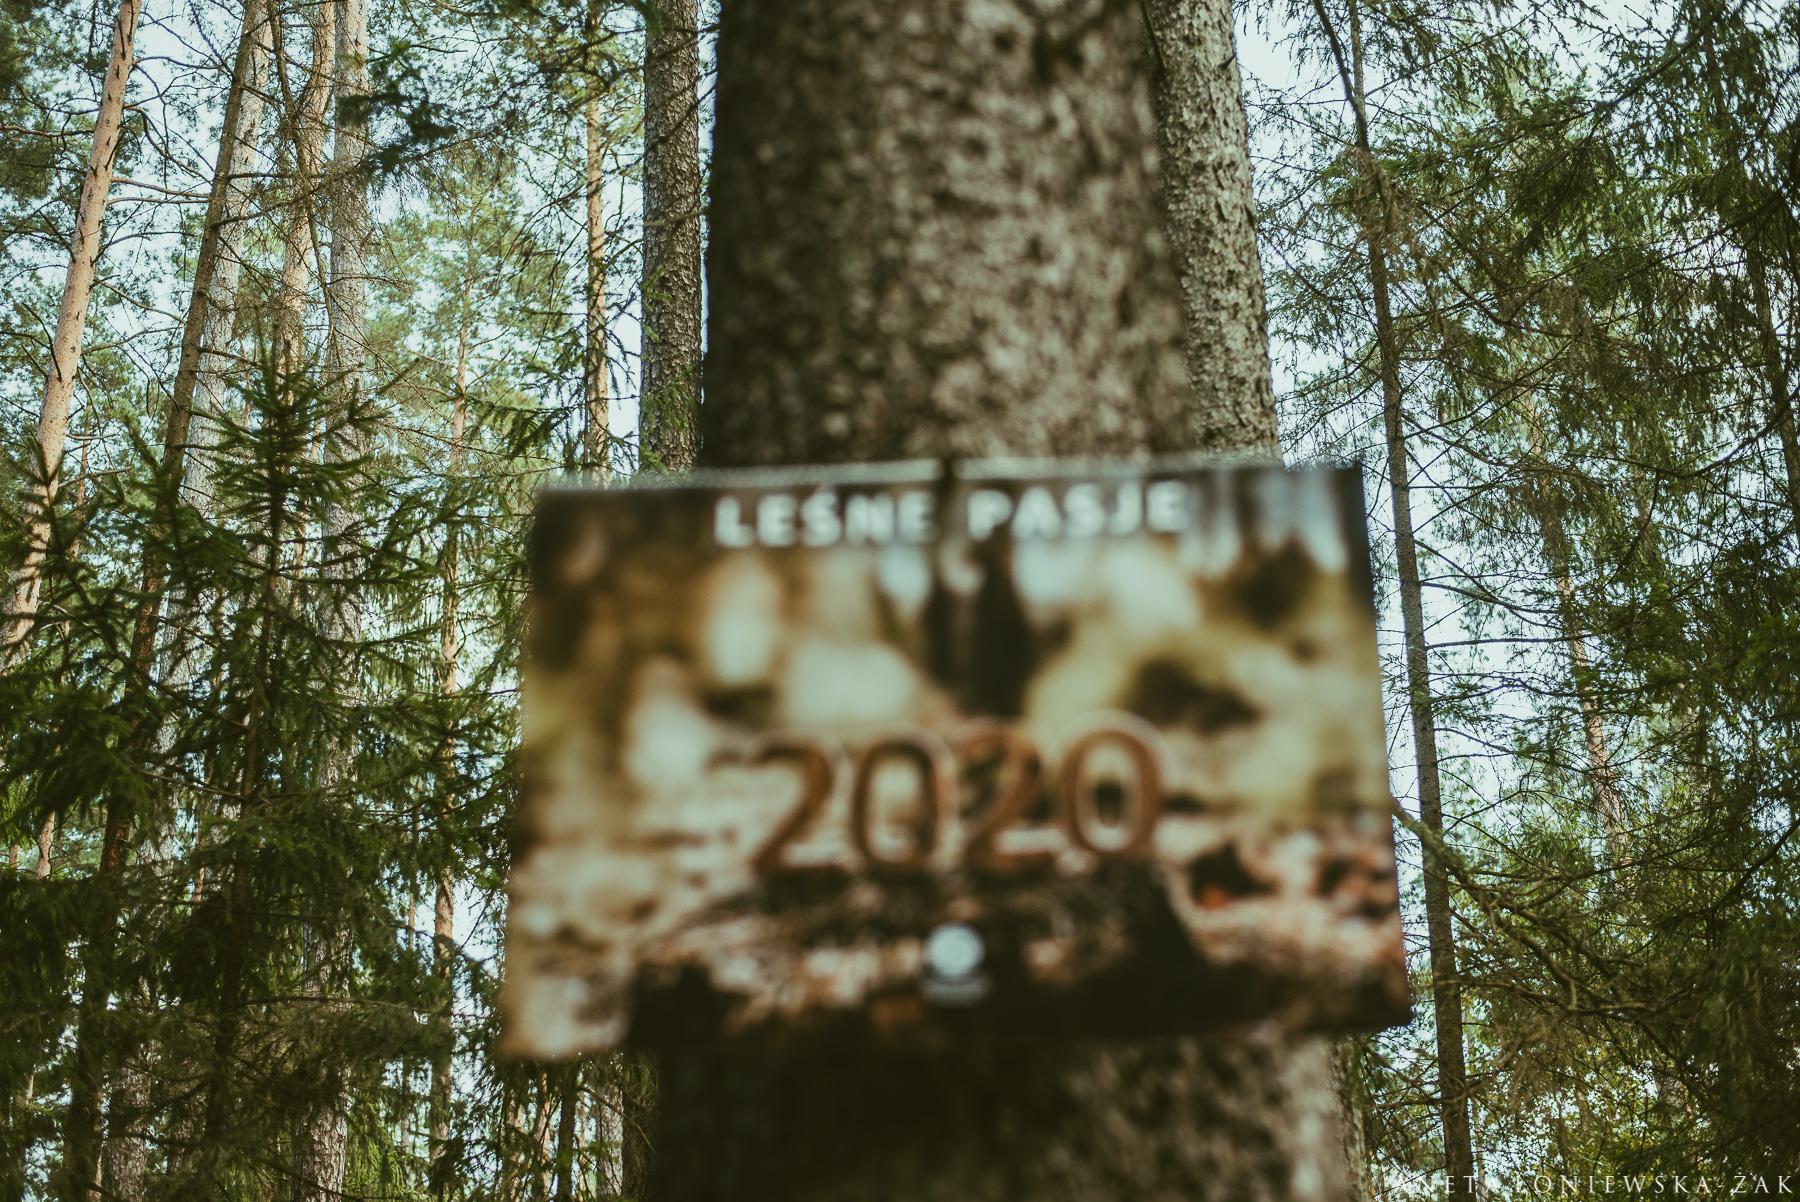 Aneta Łoniewska-Żak, kalendarz lasy państwowe, rdlp Białystok, projekt kalendarza